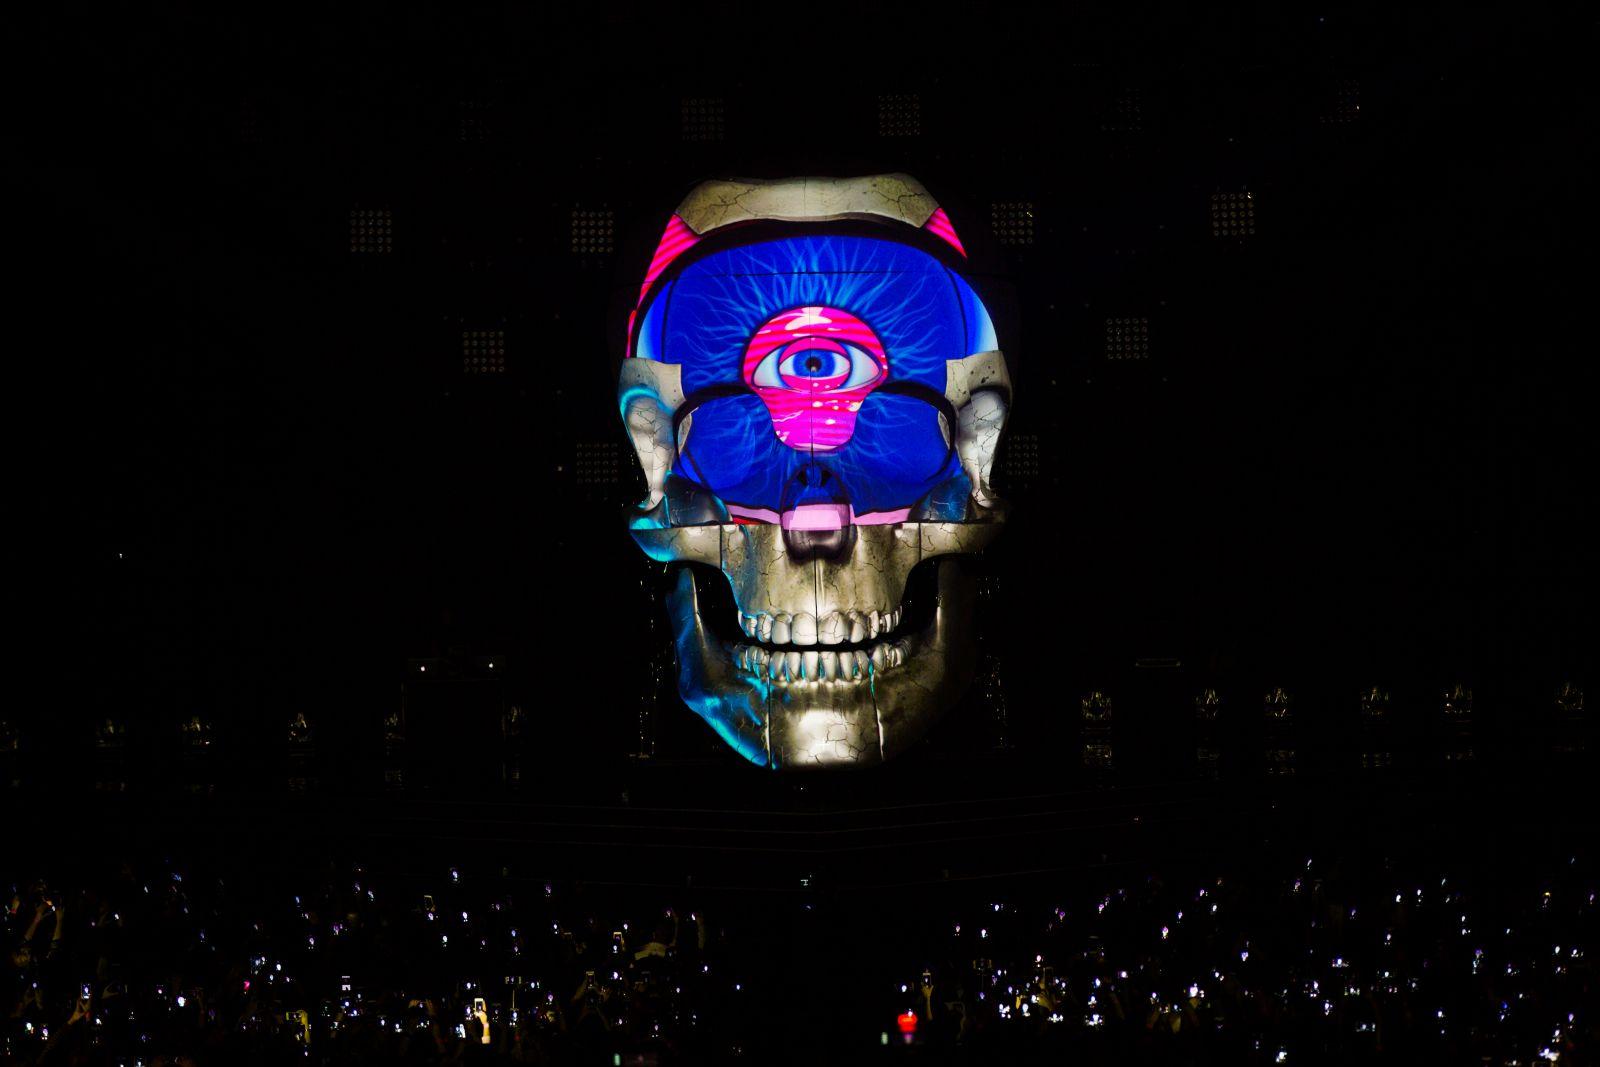 Макс Барских потратил 40 тысяч долларов на череп для концерта